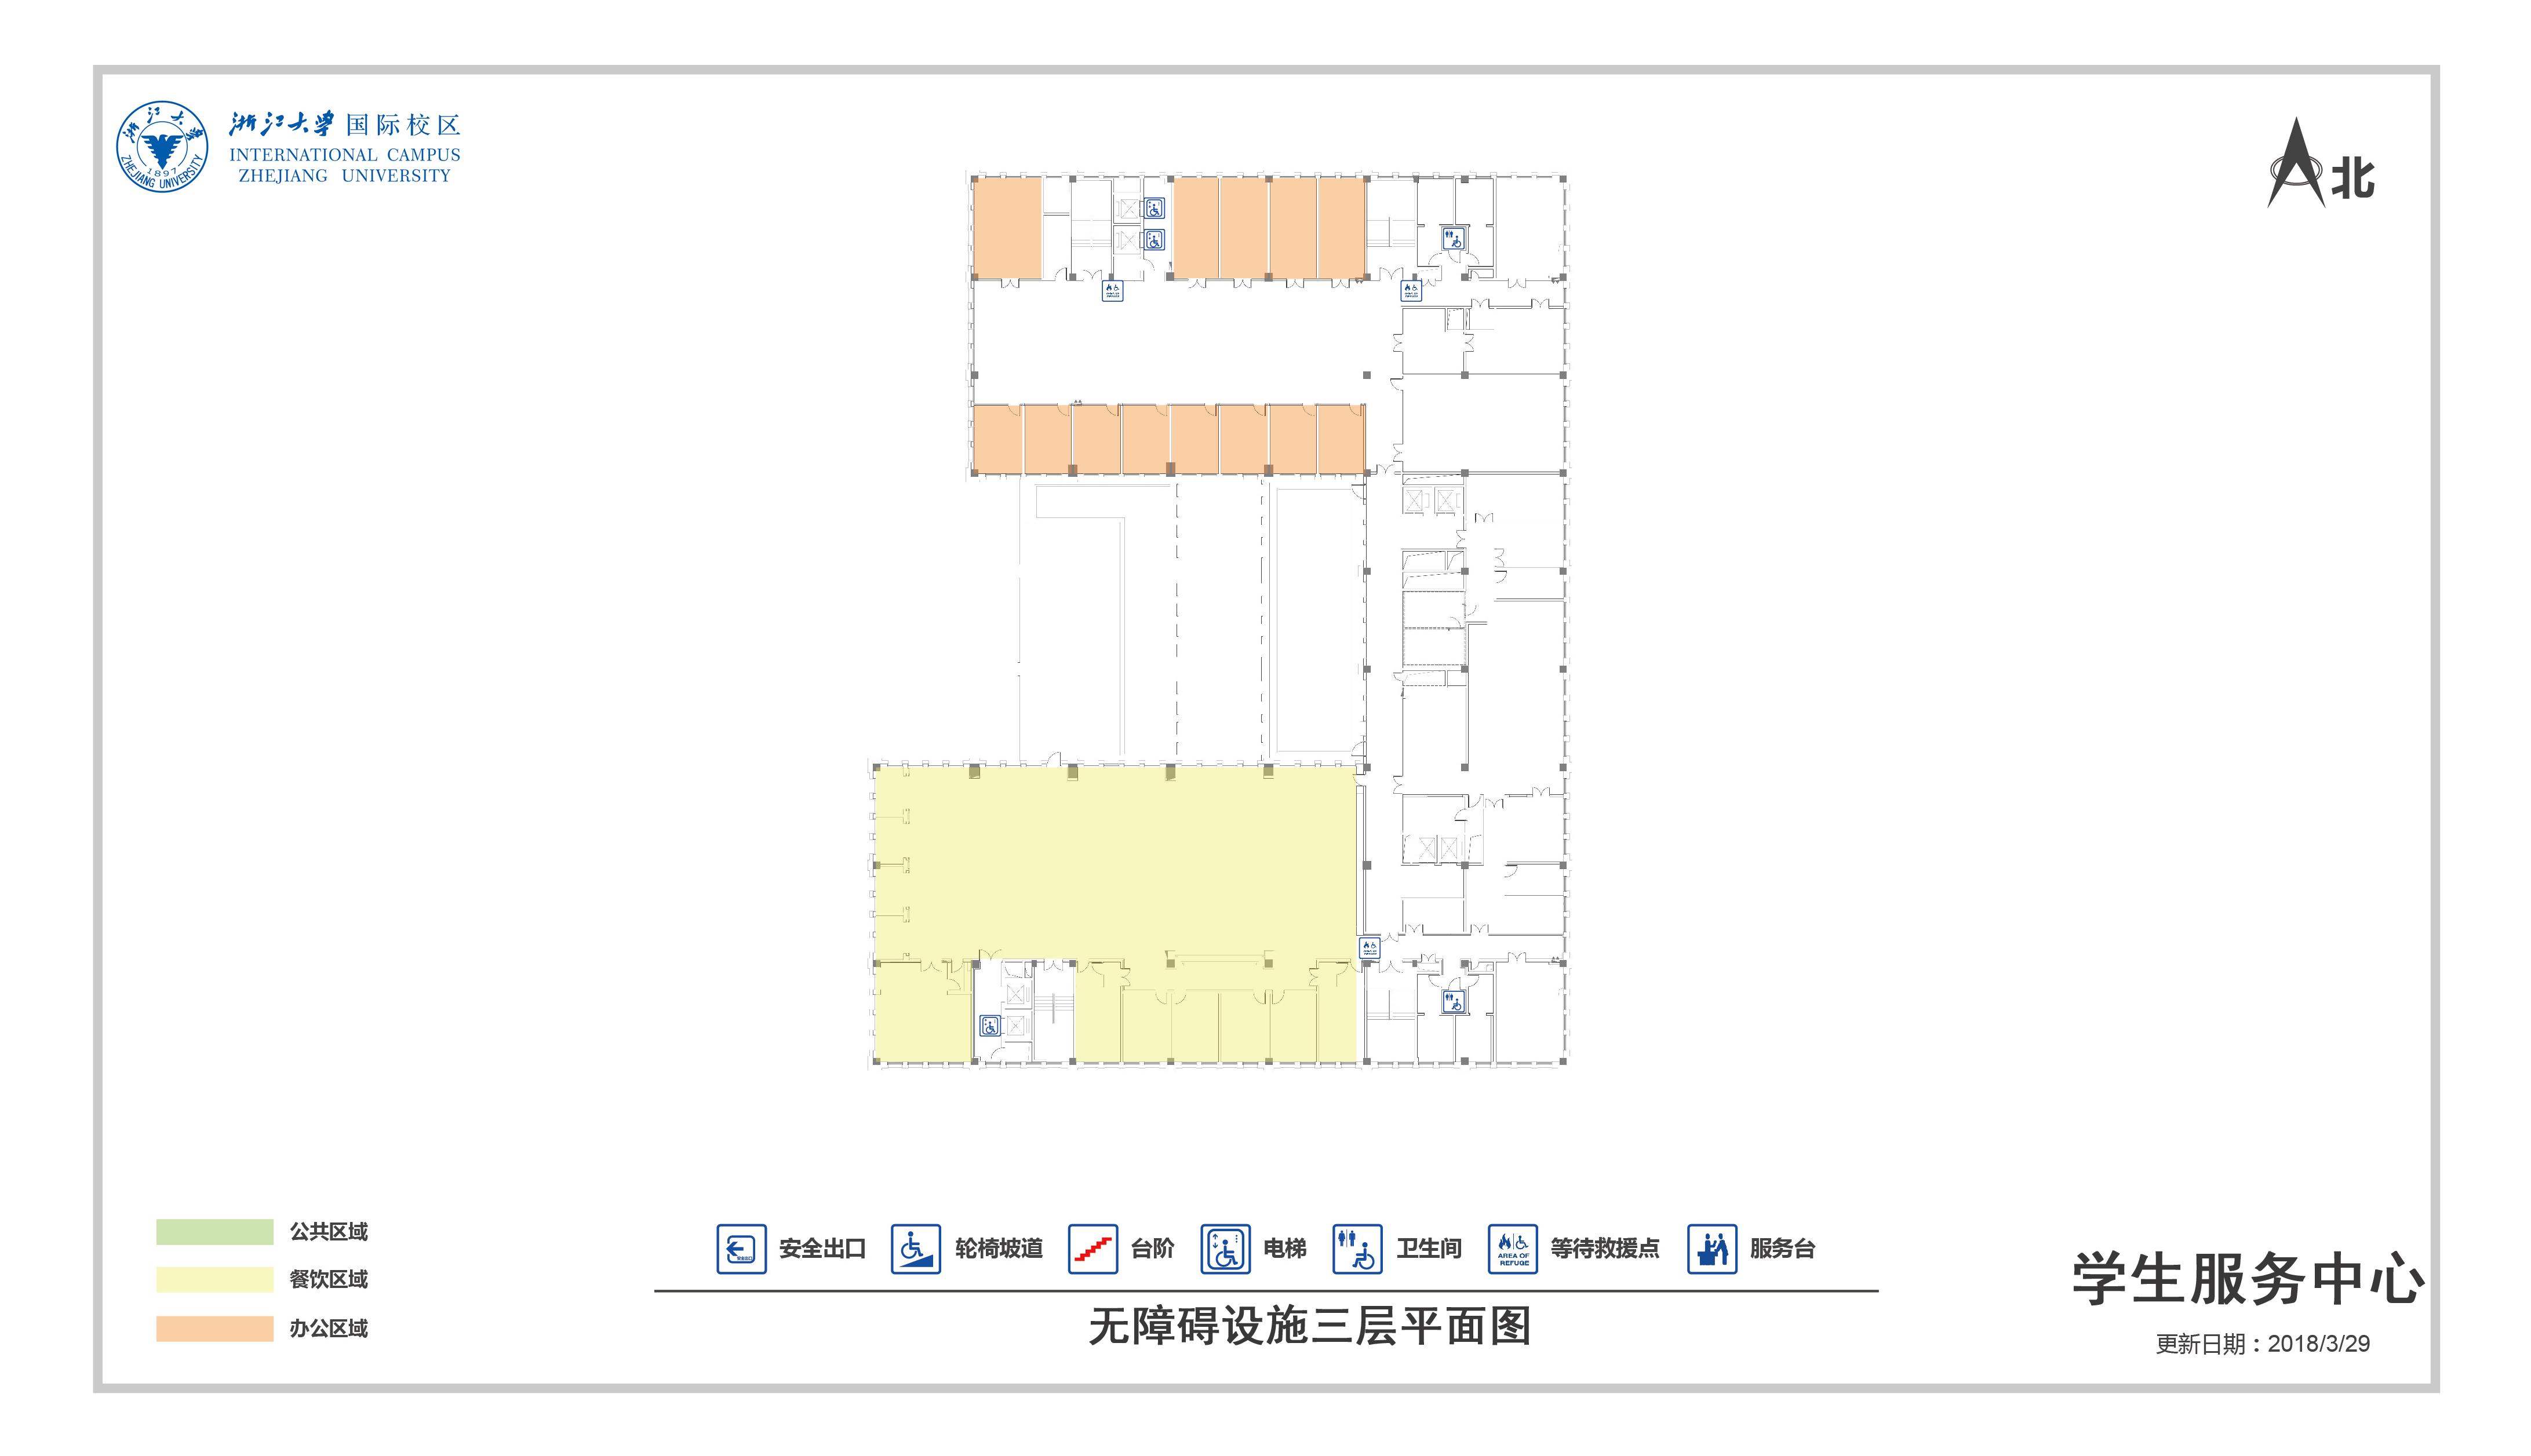 学生服务中心无障碍设施三层平面图.jpg